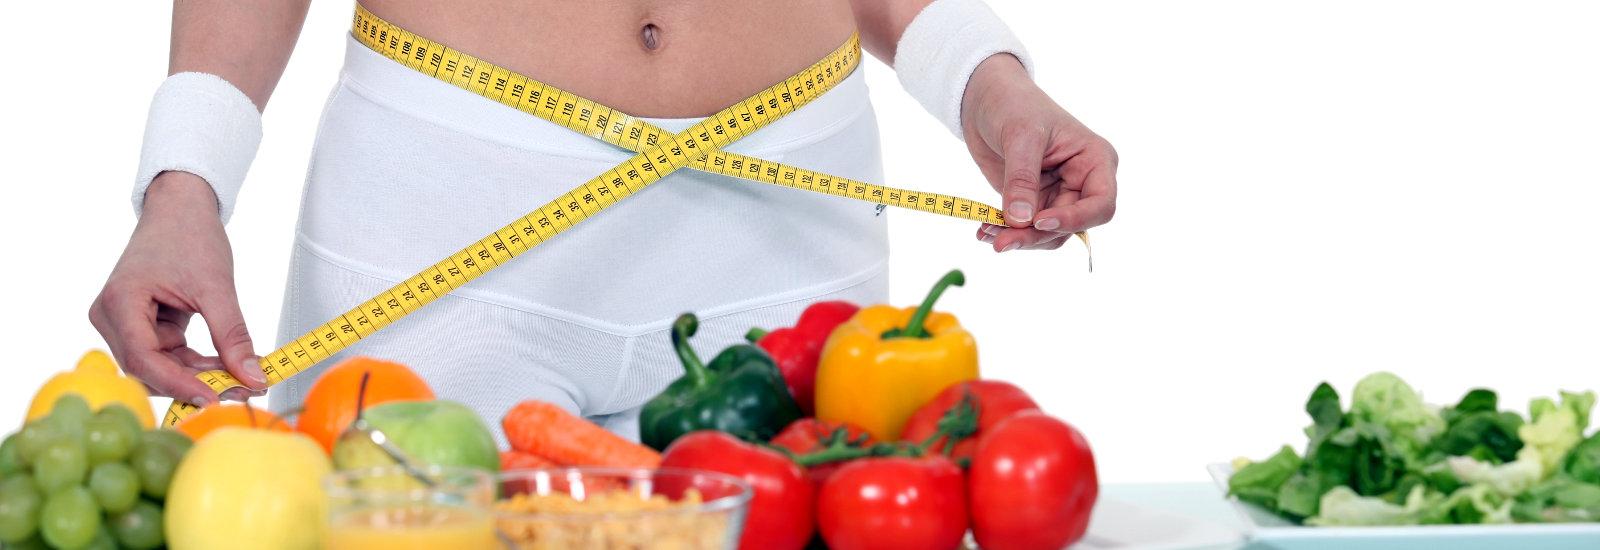 эффективная диета, быстро сбросить вес, килограммы